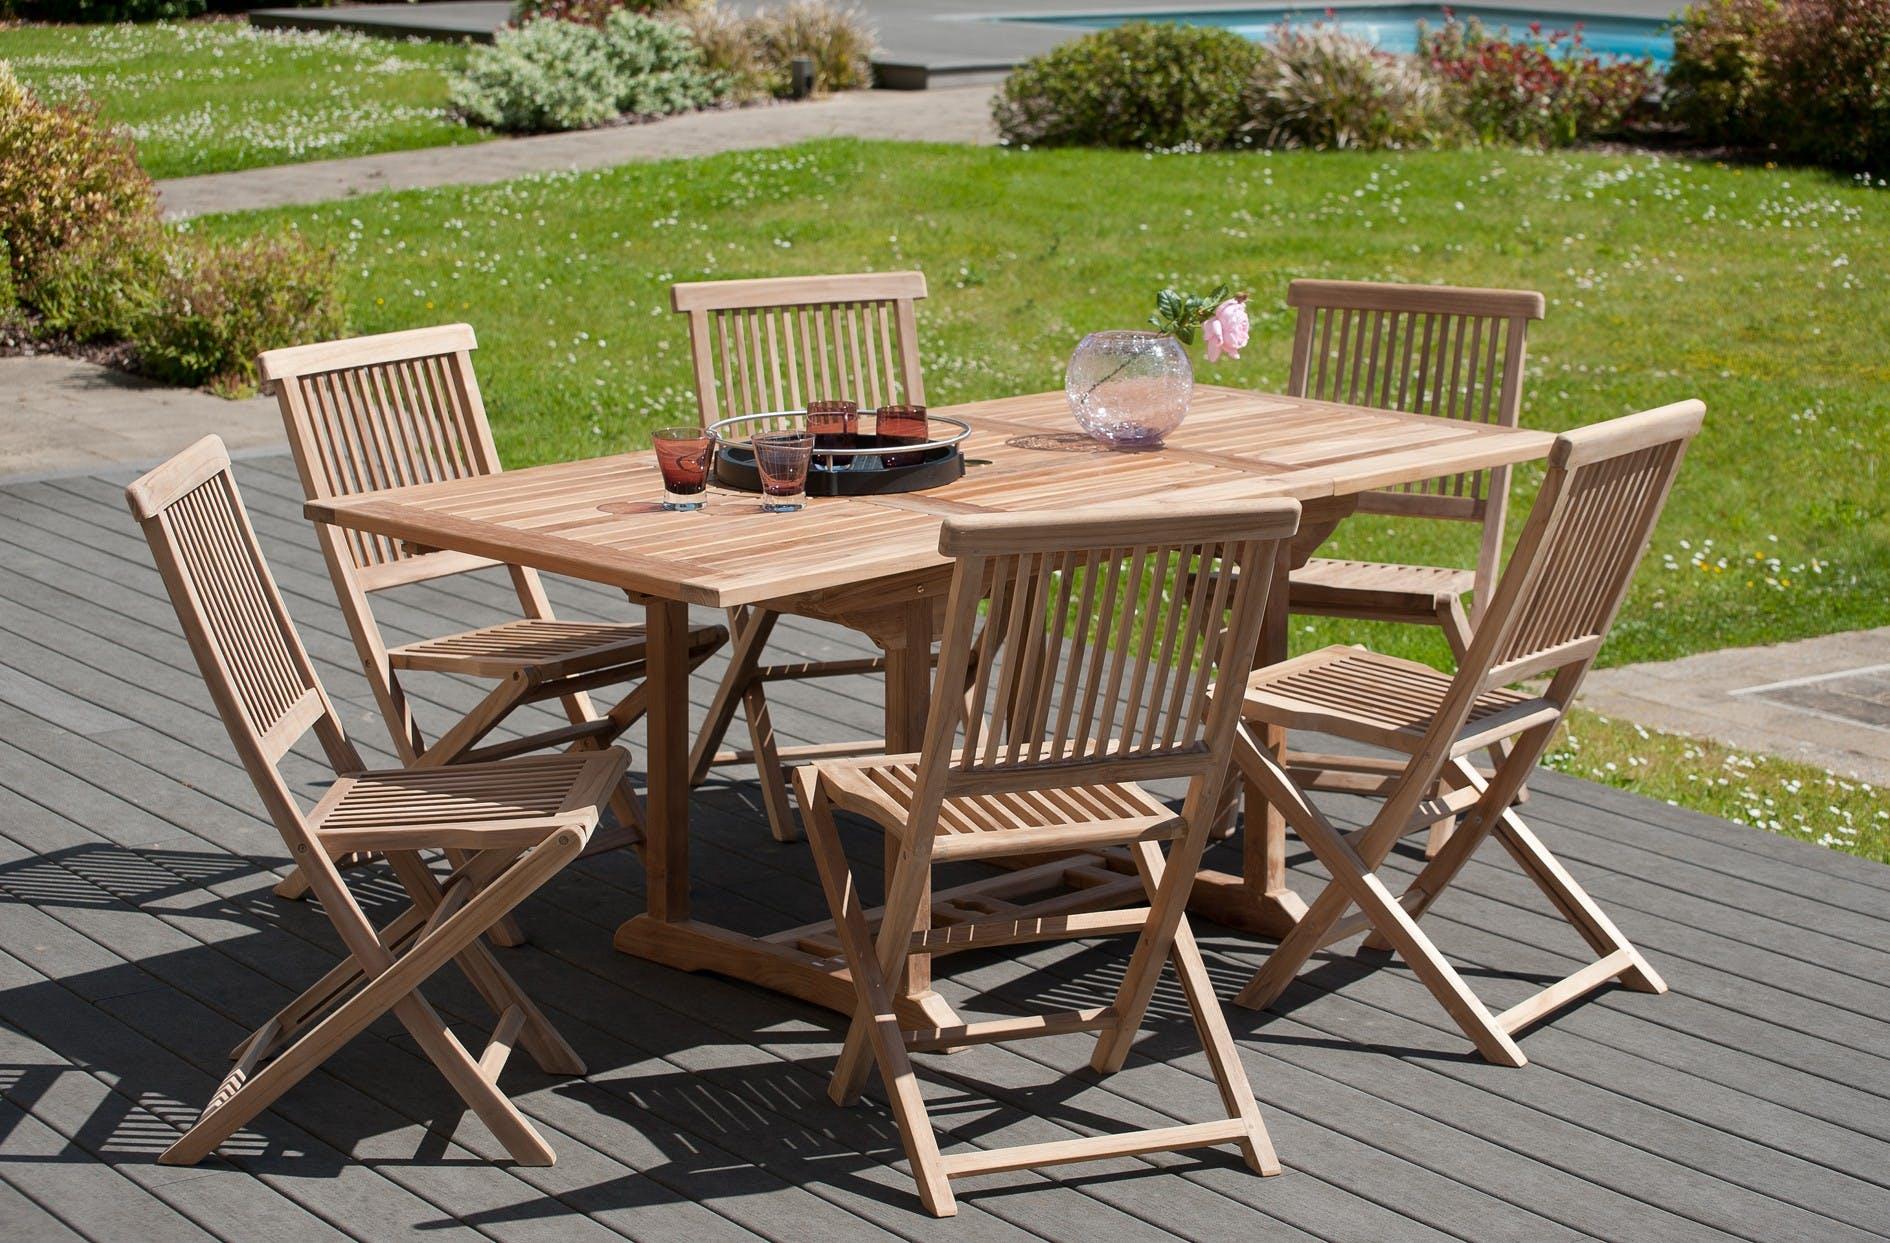 Salon de jardin en teck Table rectangle 120/180 cm et 6 chaises Java pliantes SUMMER